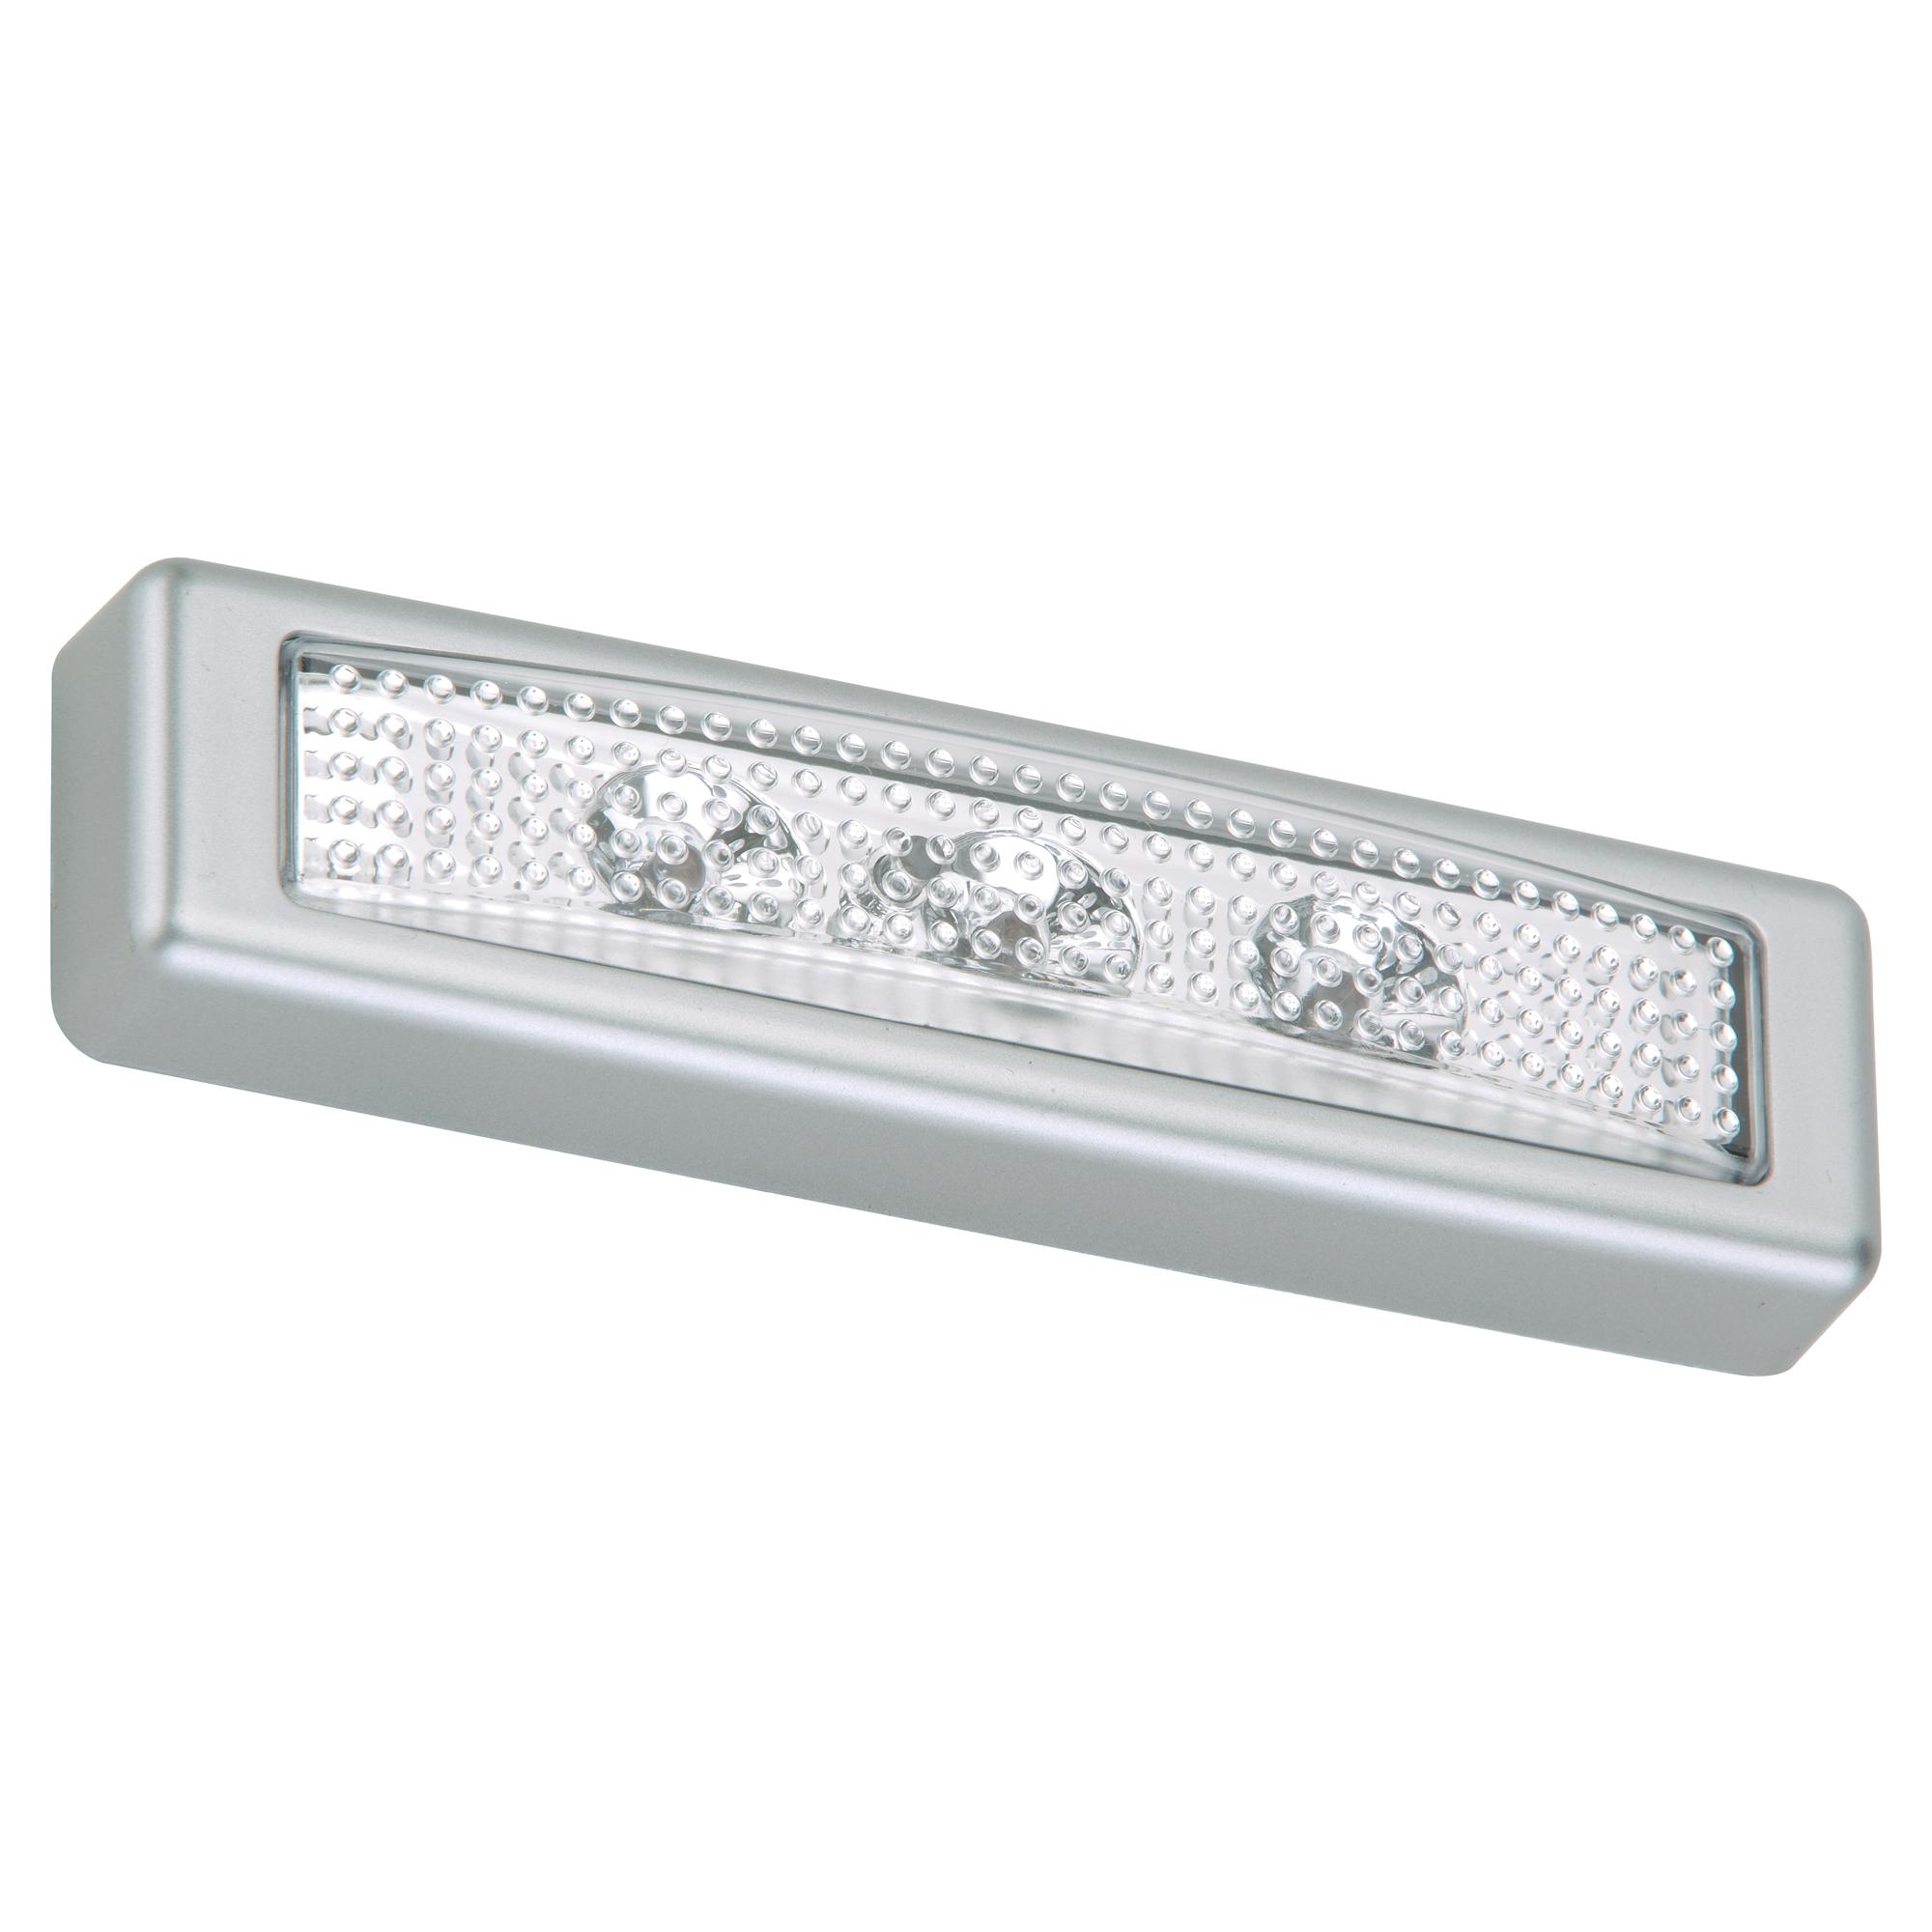 LED-Unterbauleuchten-Drücklicht